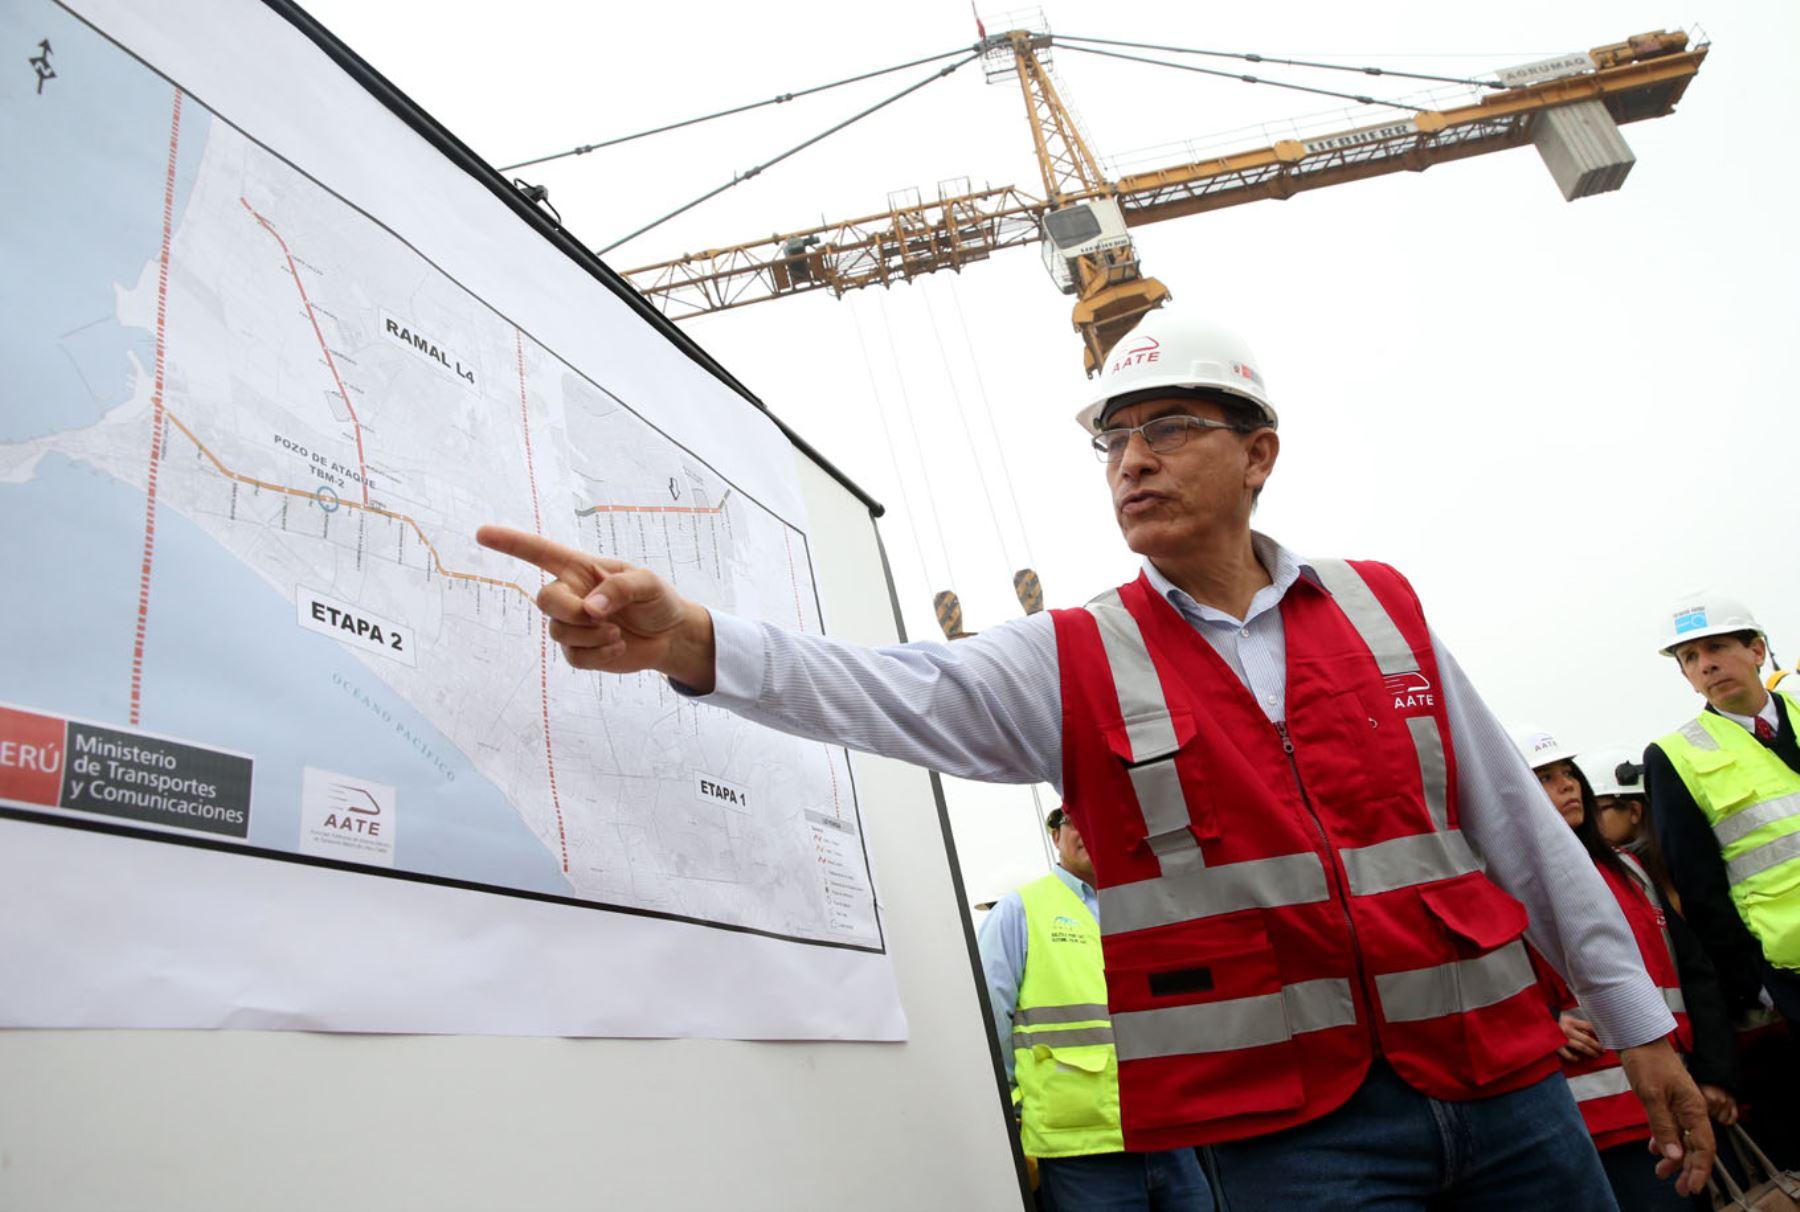 Ministro de Transportes y comunicaciones, Martin Vizcarra inspecciona Linea 2 del metro de Lima Foto: ANDINA/Melina Mejía